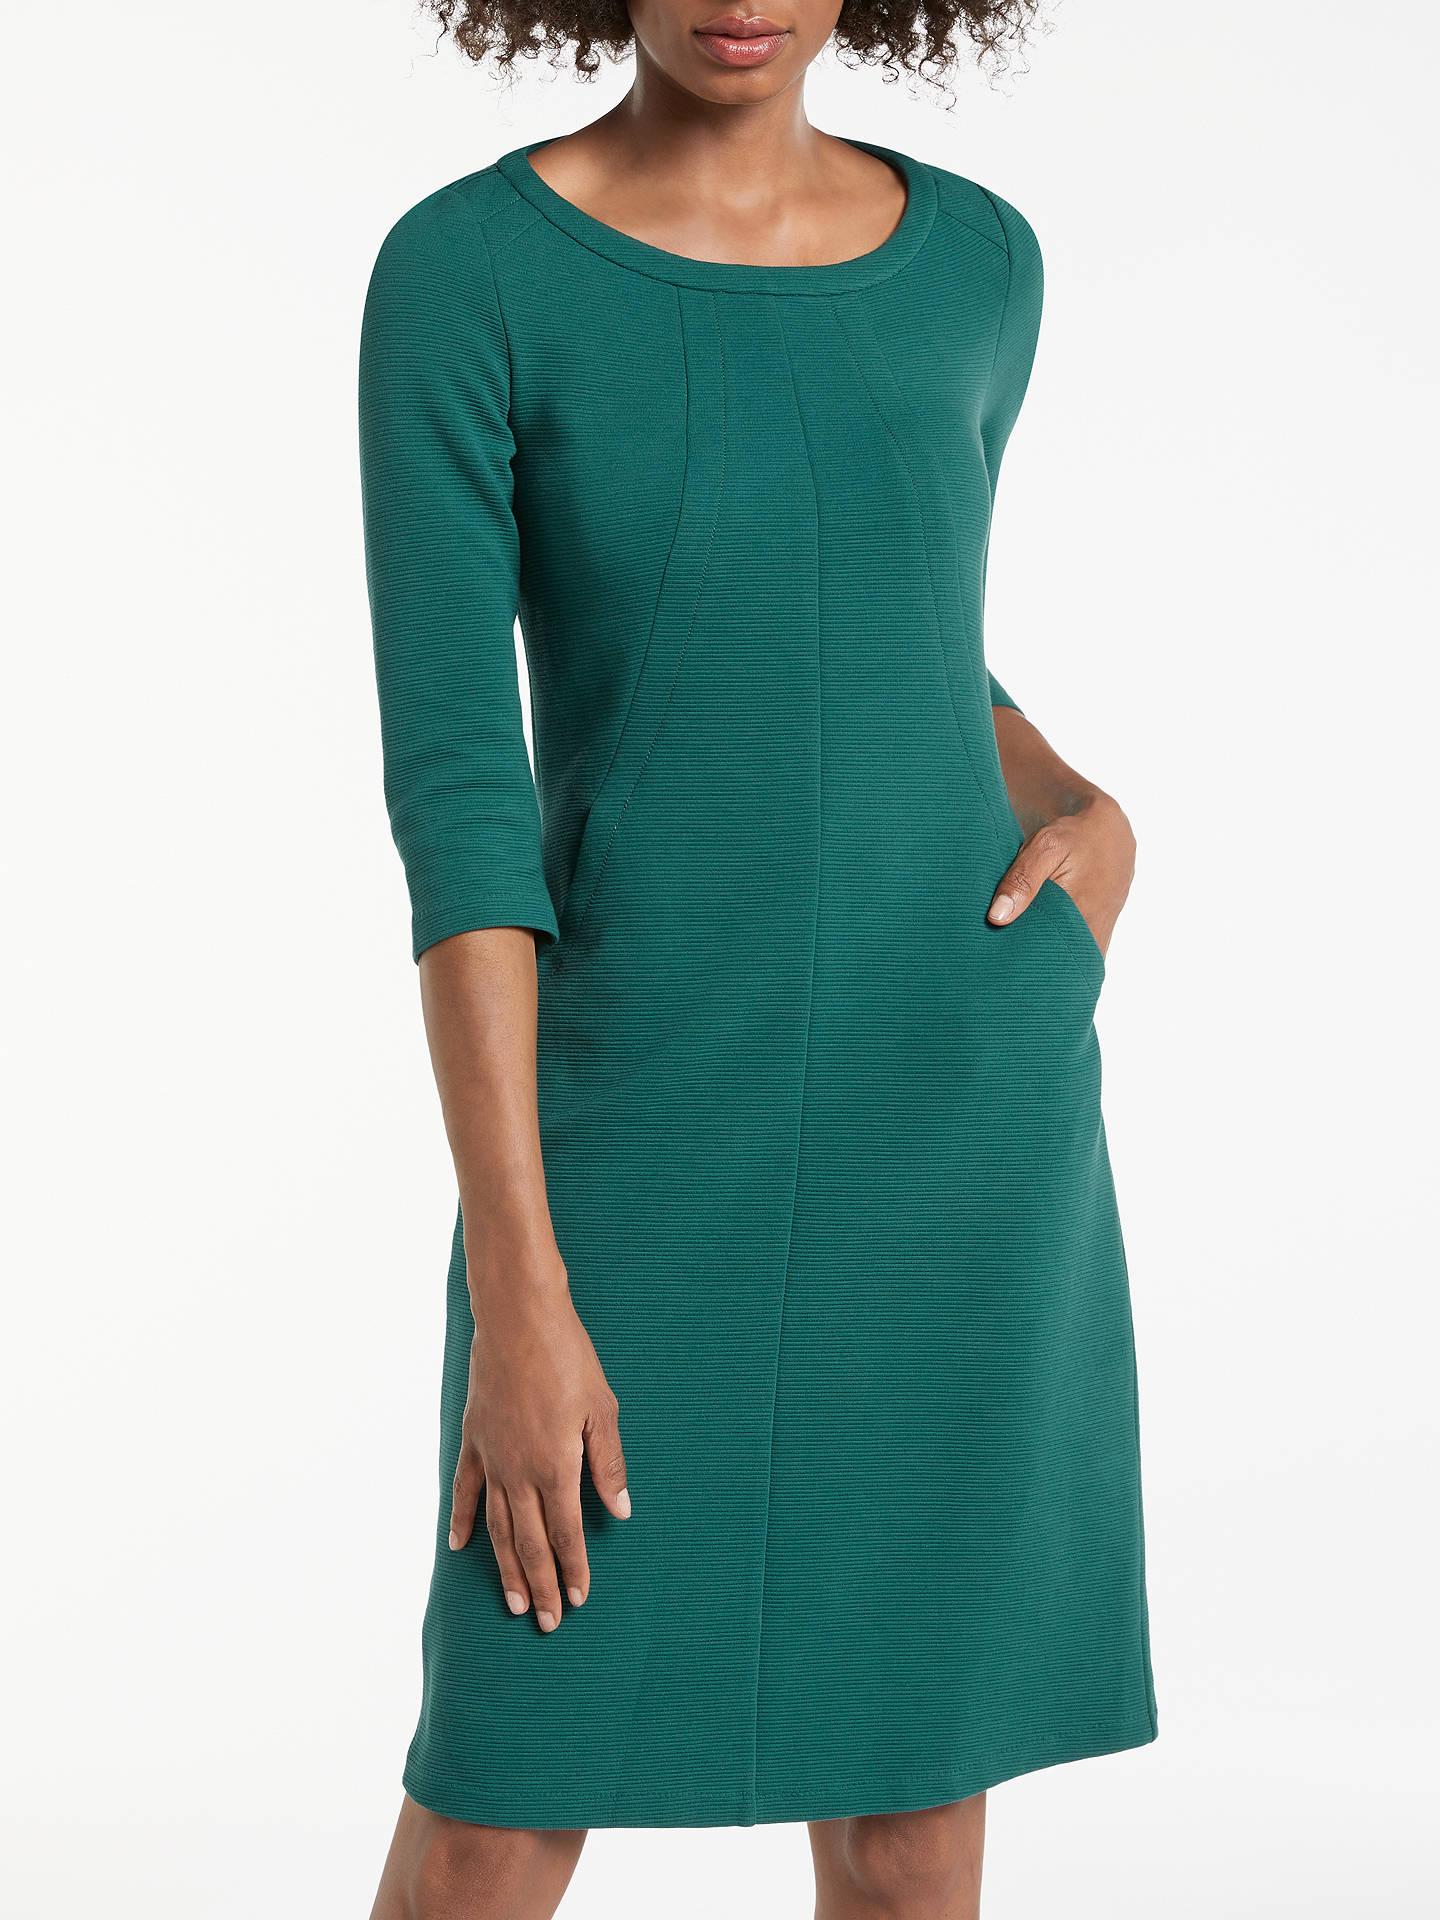 411d7999e3a Buy Boden Hannah Jersey Dress, Deep Forest, 8 Online at johnlewis.com ...